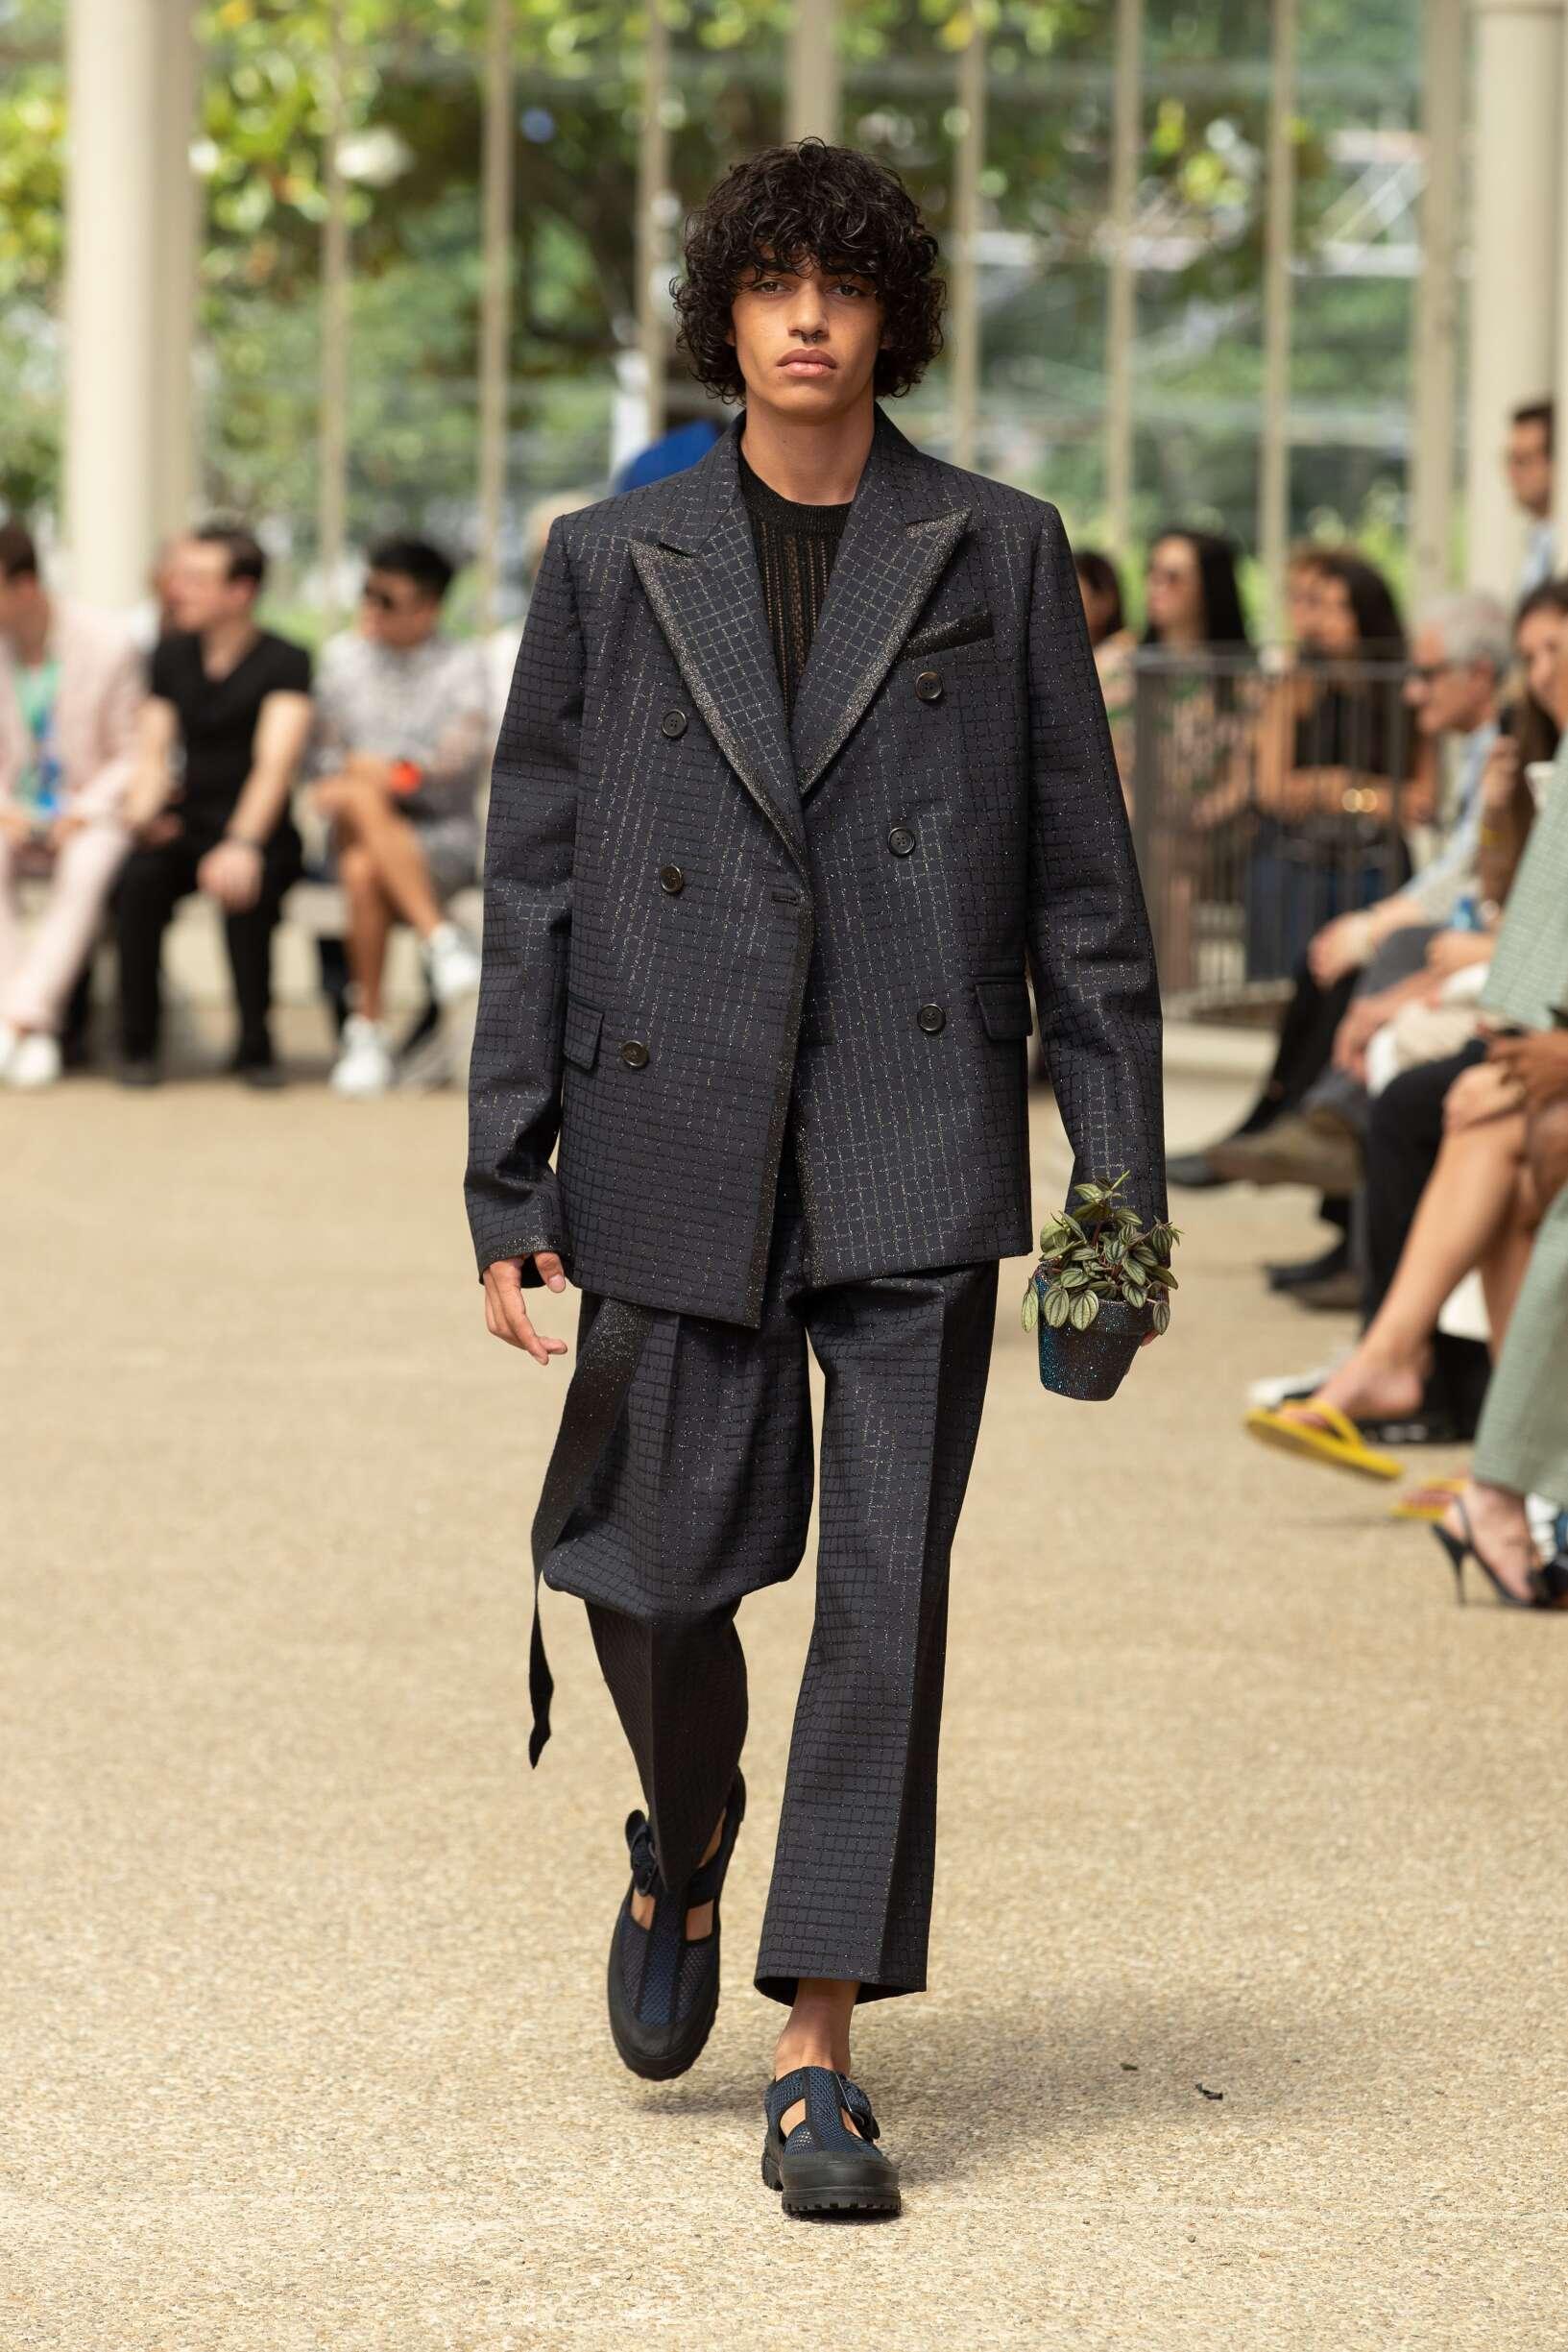 Menswear Summer Marco De vincenzo 2020